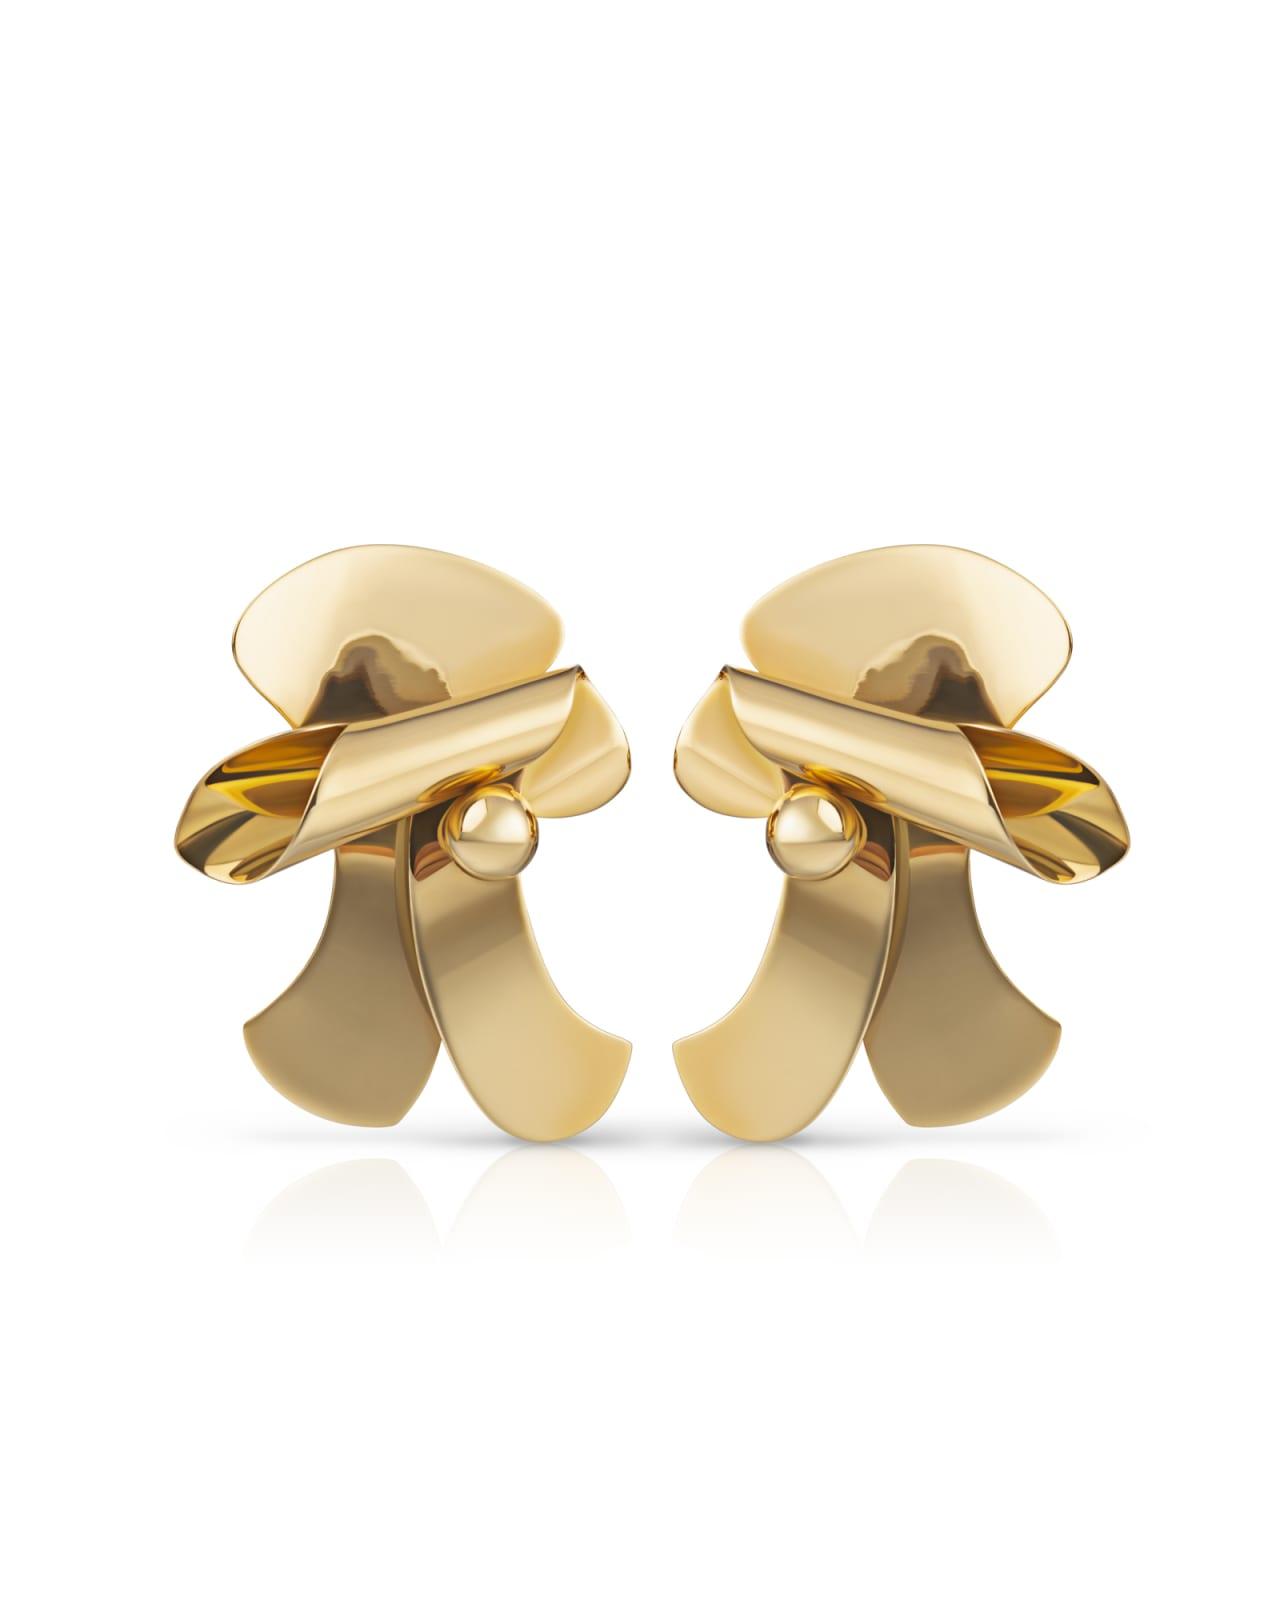 Sophia Vari, Amazones Earrings, 2011